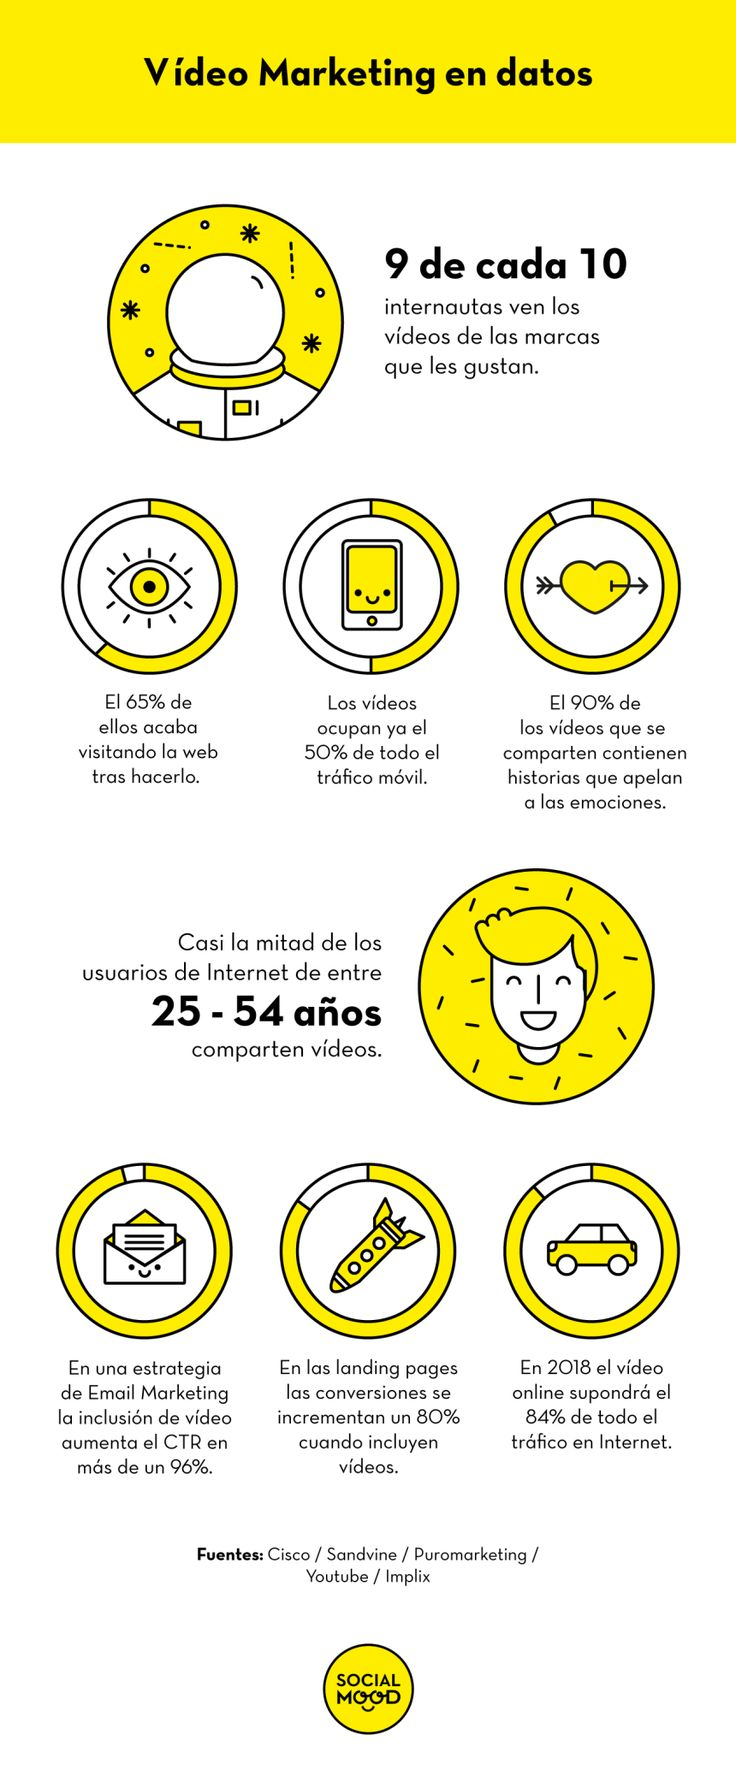 9 razones por las que hacer vídeo marketing #infografia #infographic #marketing